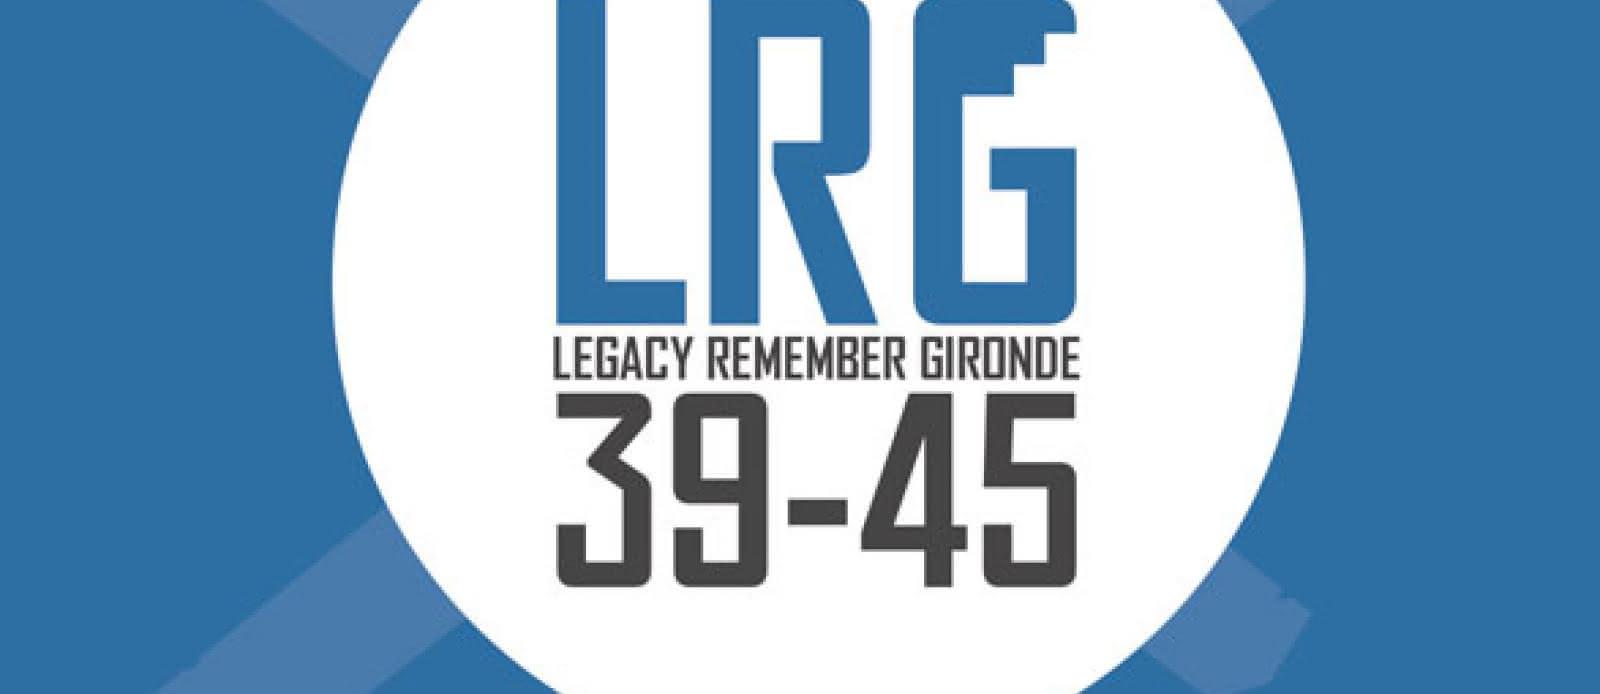 Legacy Remember Gironde 39-45 bis